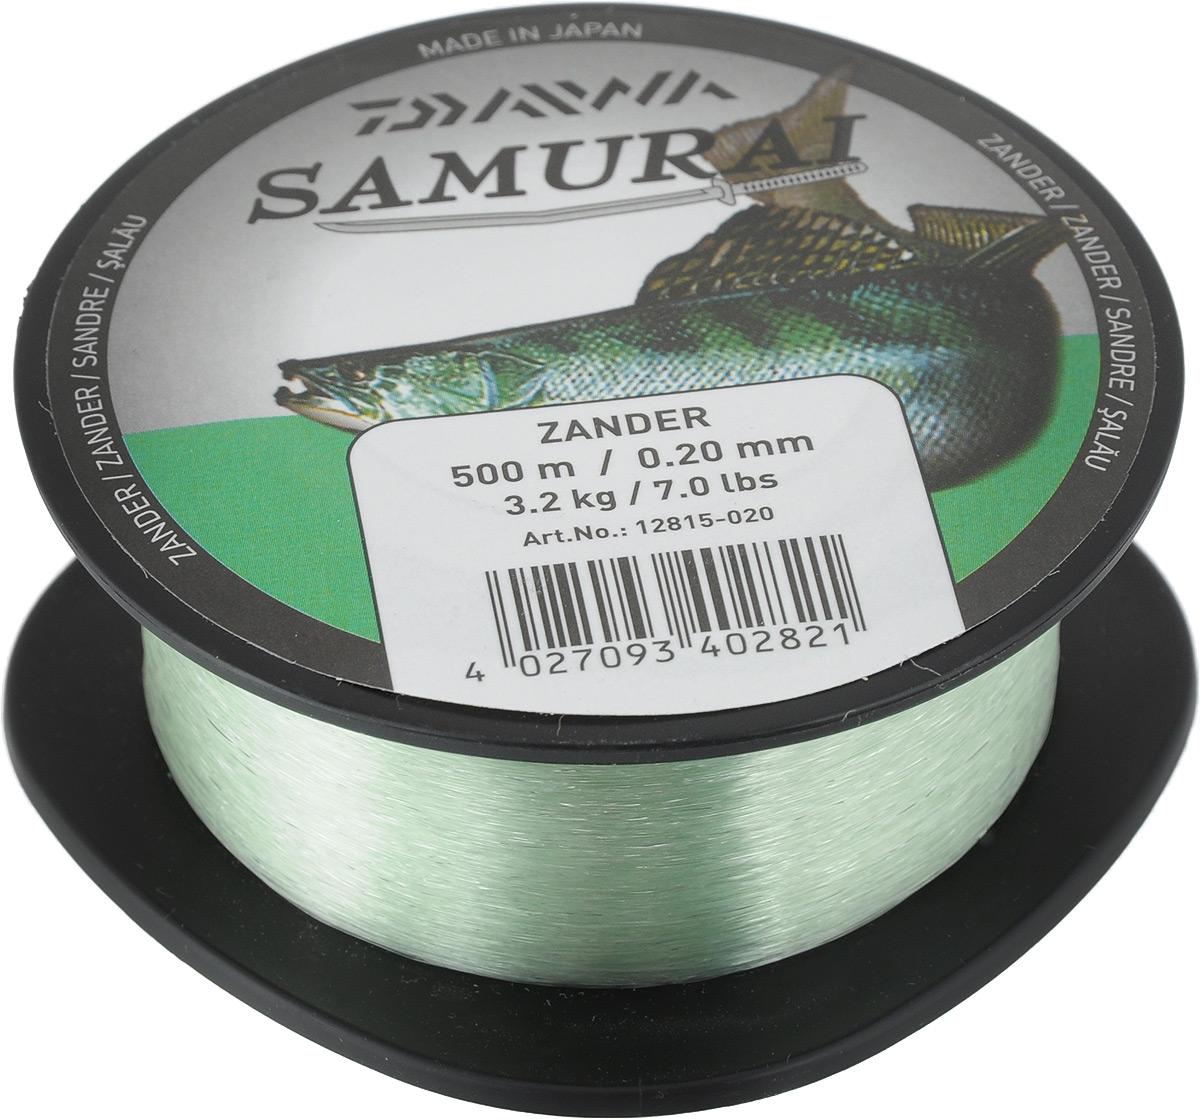 Леска Daiwa Samurai Zander, цвет: светло-зеленый, 500 м, 0,2 мм, 3,2 кг10936Популярная леска Daiwa Samurai Zander применяется для ловли разнообразной рыбы. Изготовлена из прочного нейлона согласновысоким стандартам качества. Леска сочетает в себе великолепное соотношение цены и качества.